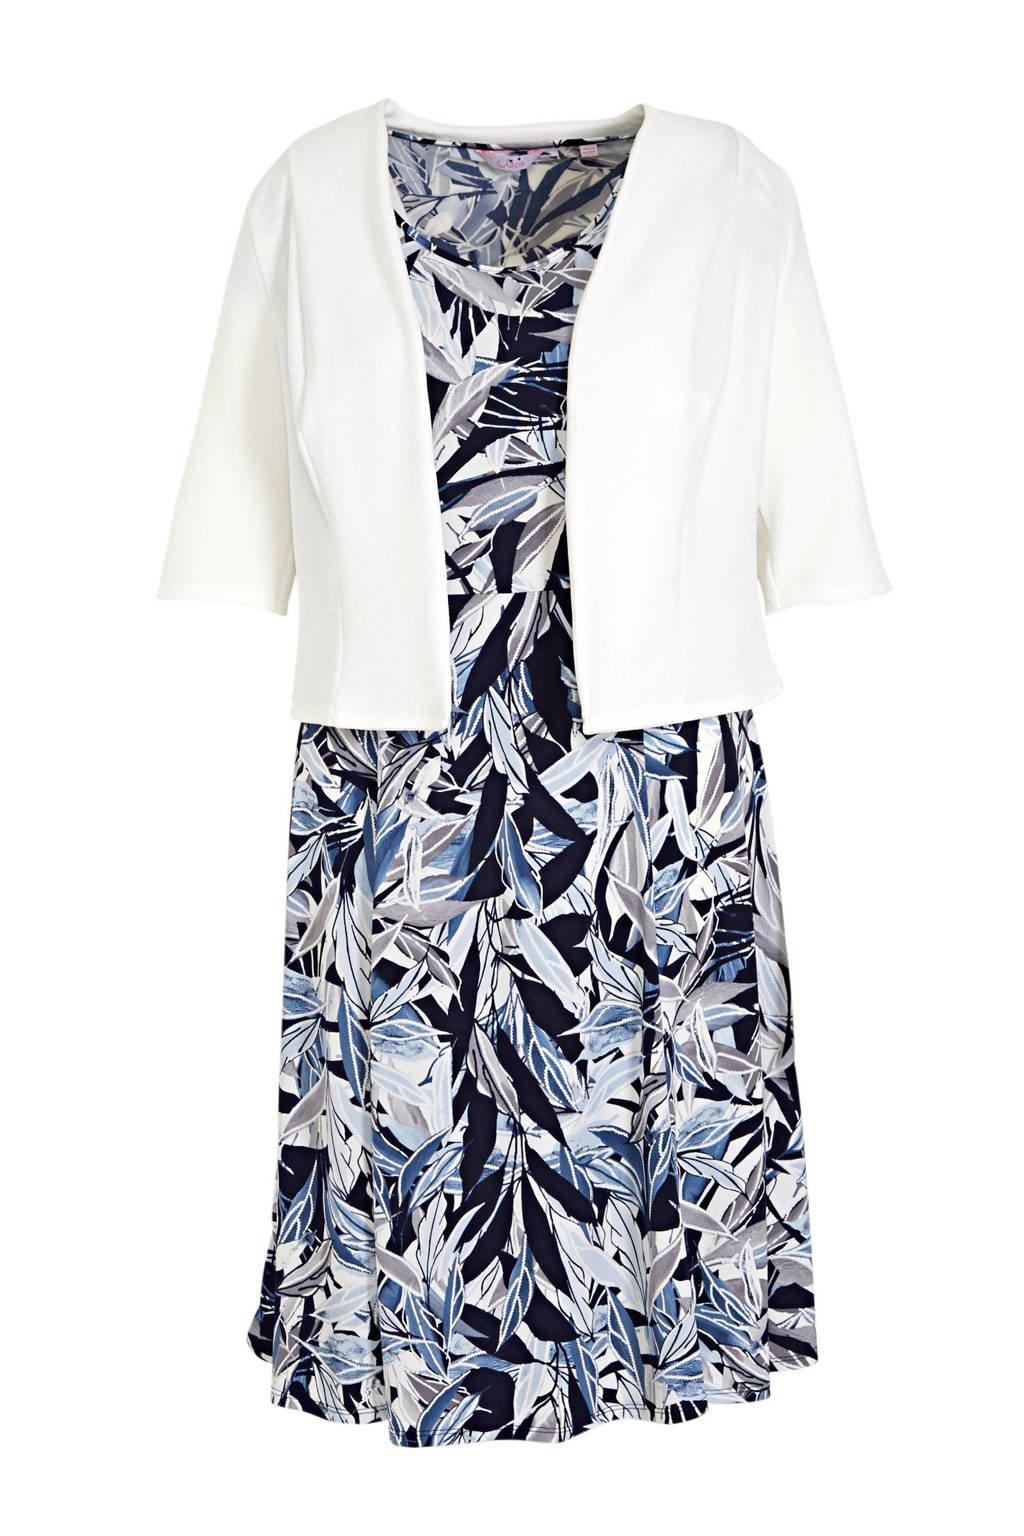 Julipa jurk + jasje donkerblauw/wit, Donkerblauw/wit